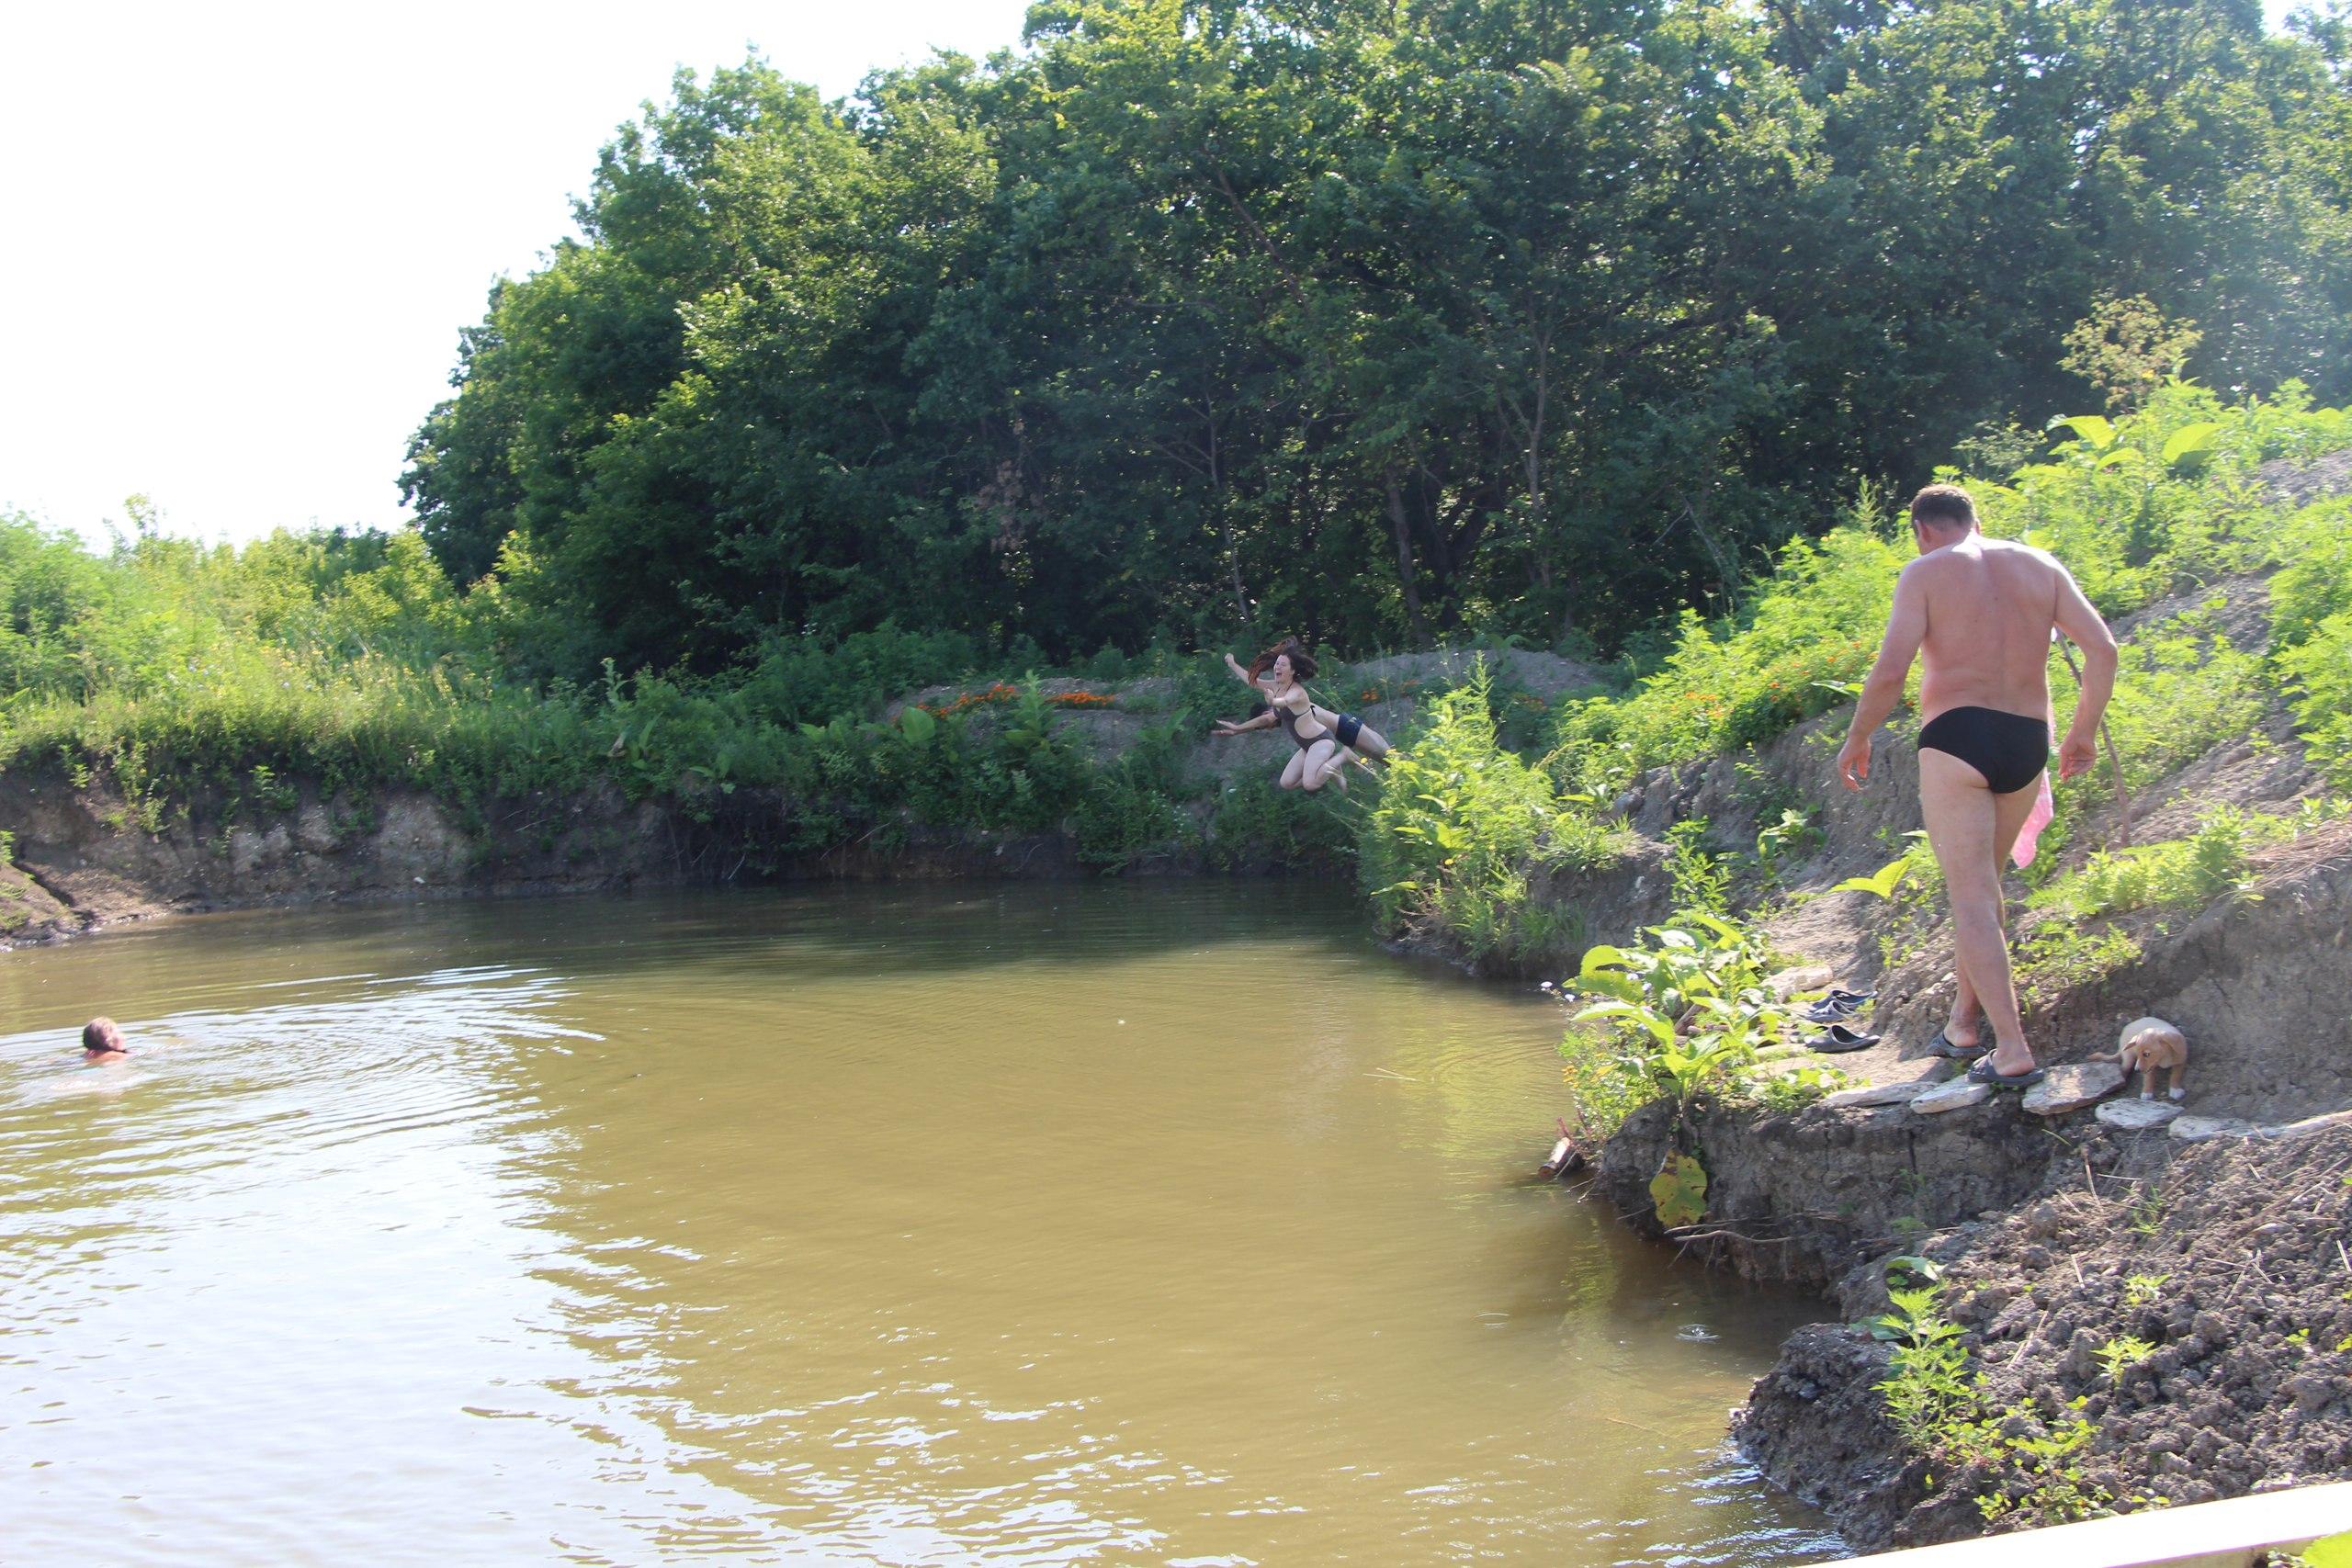 После йоги купание в нашем пруду! =) Фото 18 июля 2015 года =)